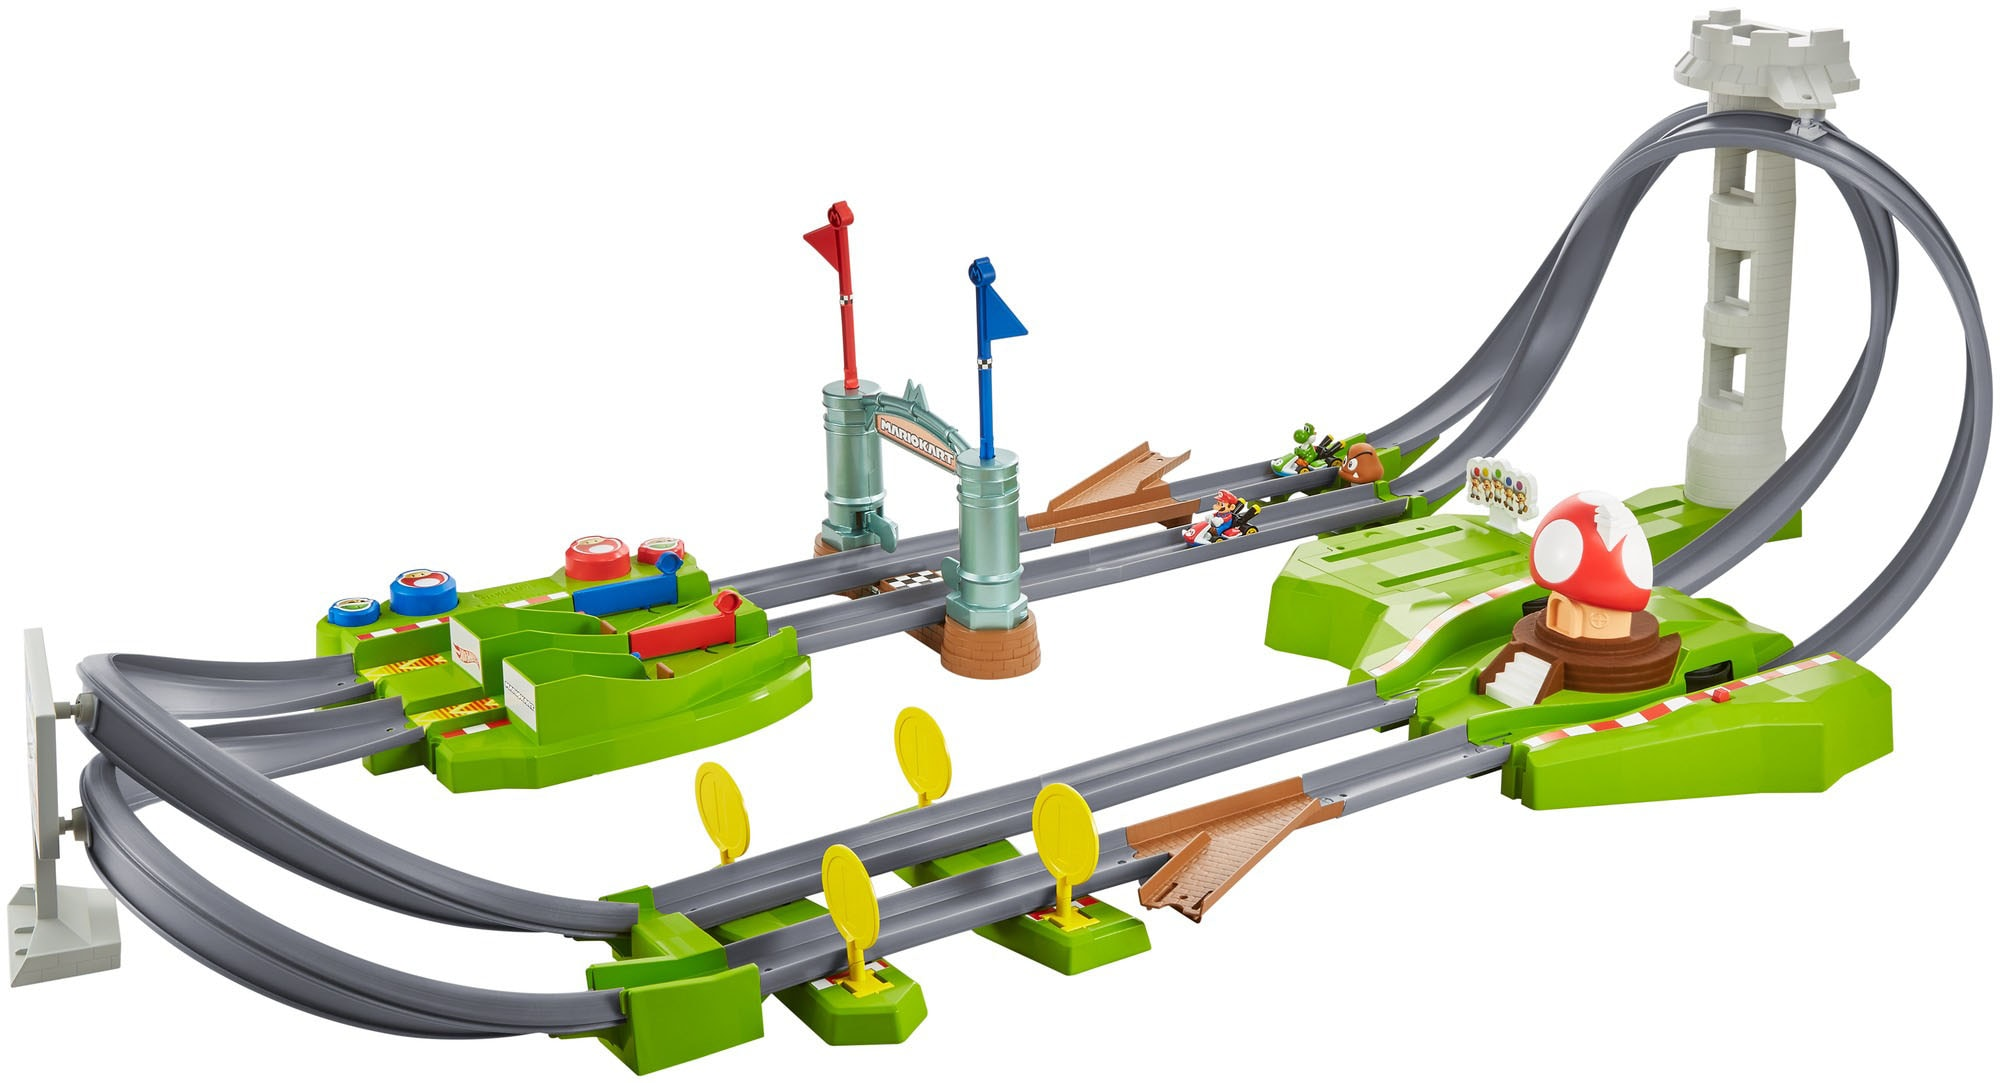 Hot Wheels Autorennbahn Mario Kart Rundkurs Trackset, inkl. 2 Spielzeugautos bunt Kinder Autorennbahnen Autos, Eisenbahn Modellbau